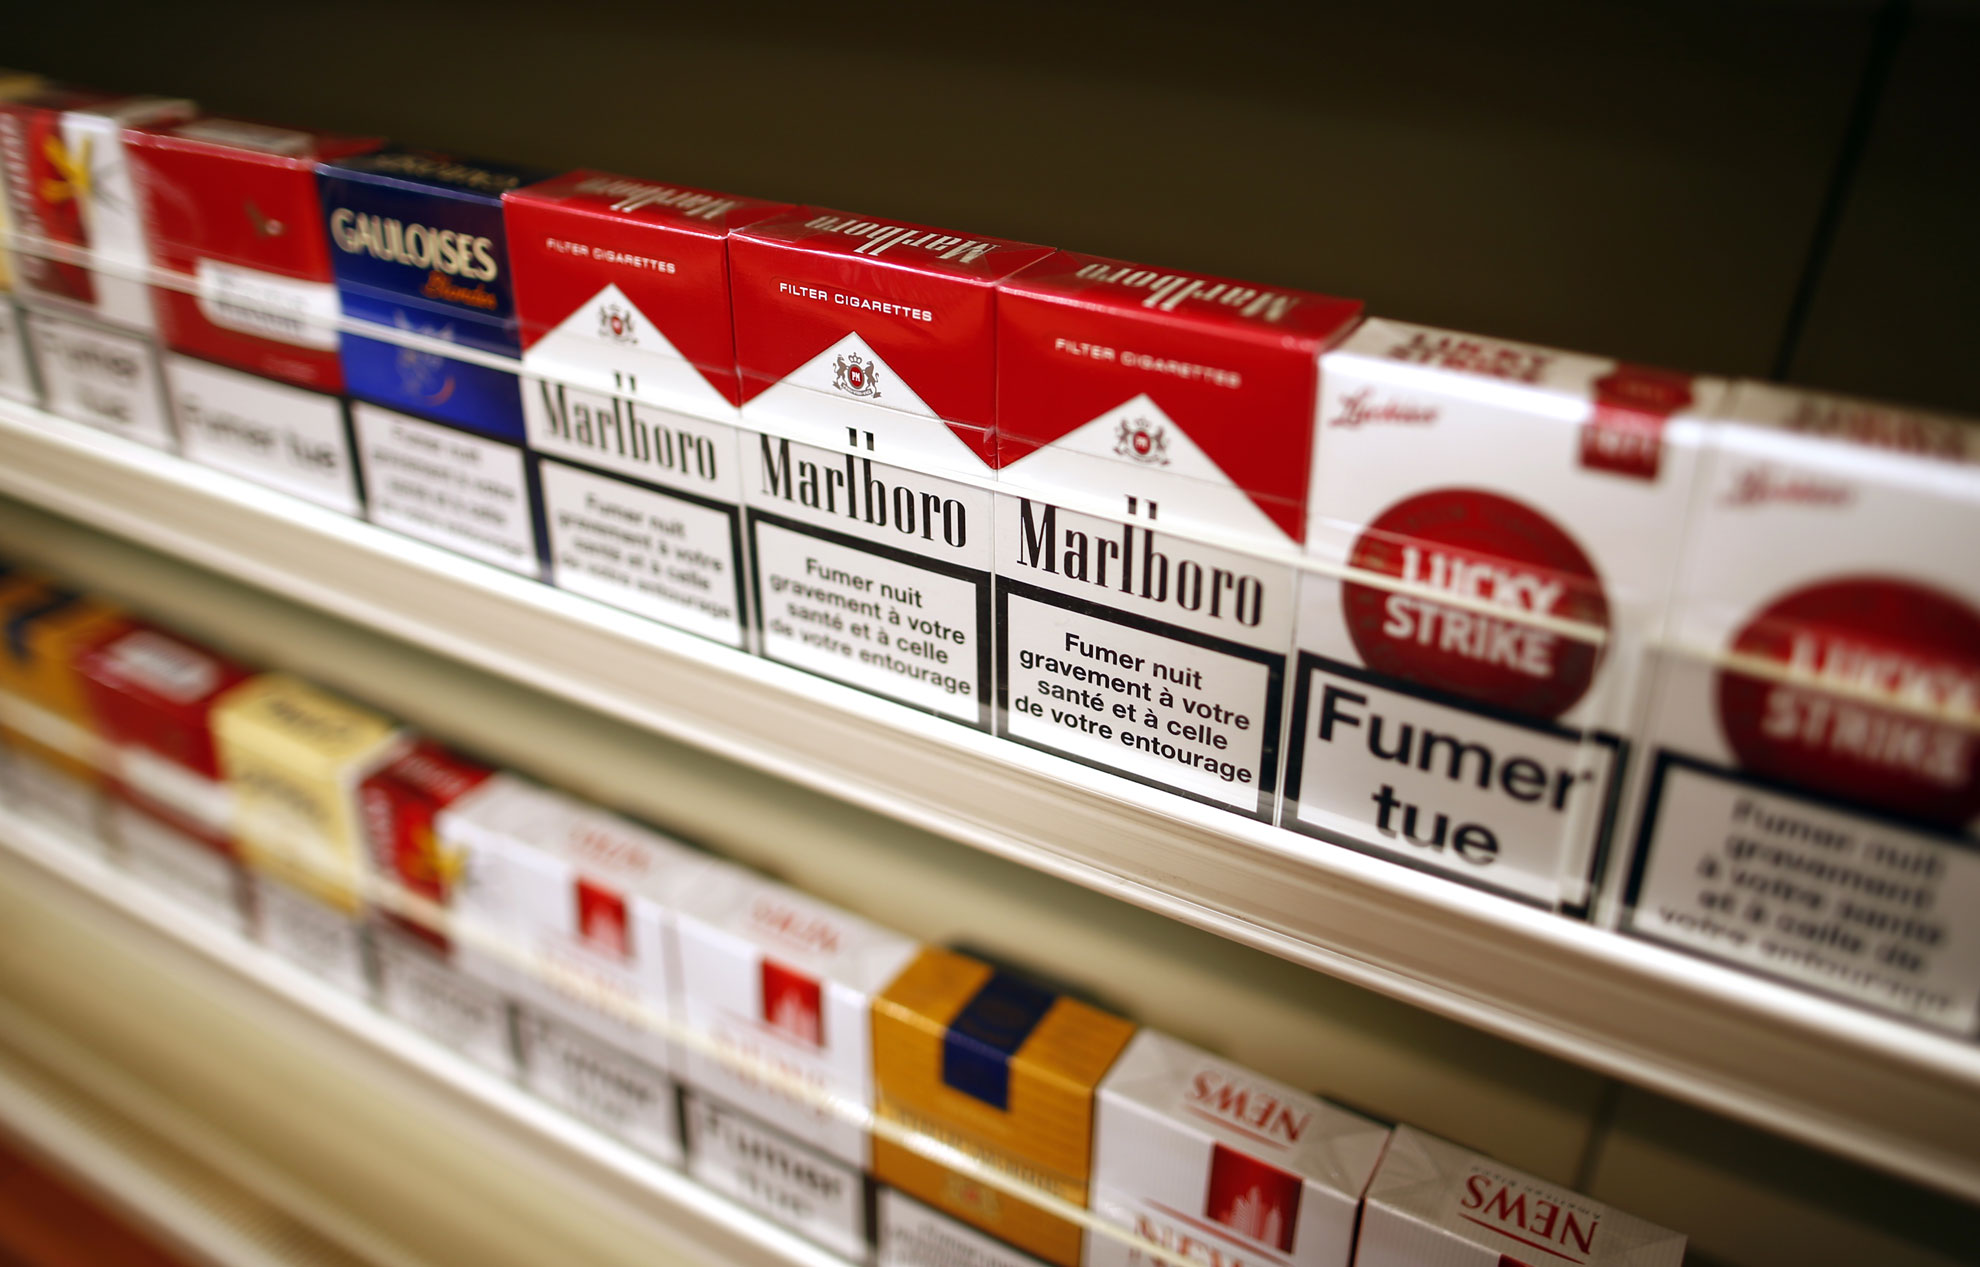 tabac    u00e0 partir d u0026 39 aujourd u0026 39 hui  les paquets neutres sont disponibles